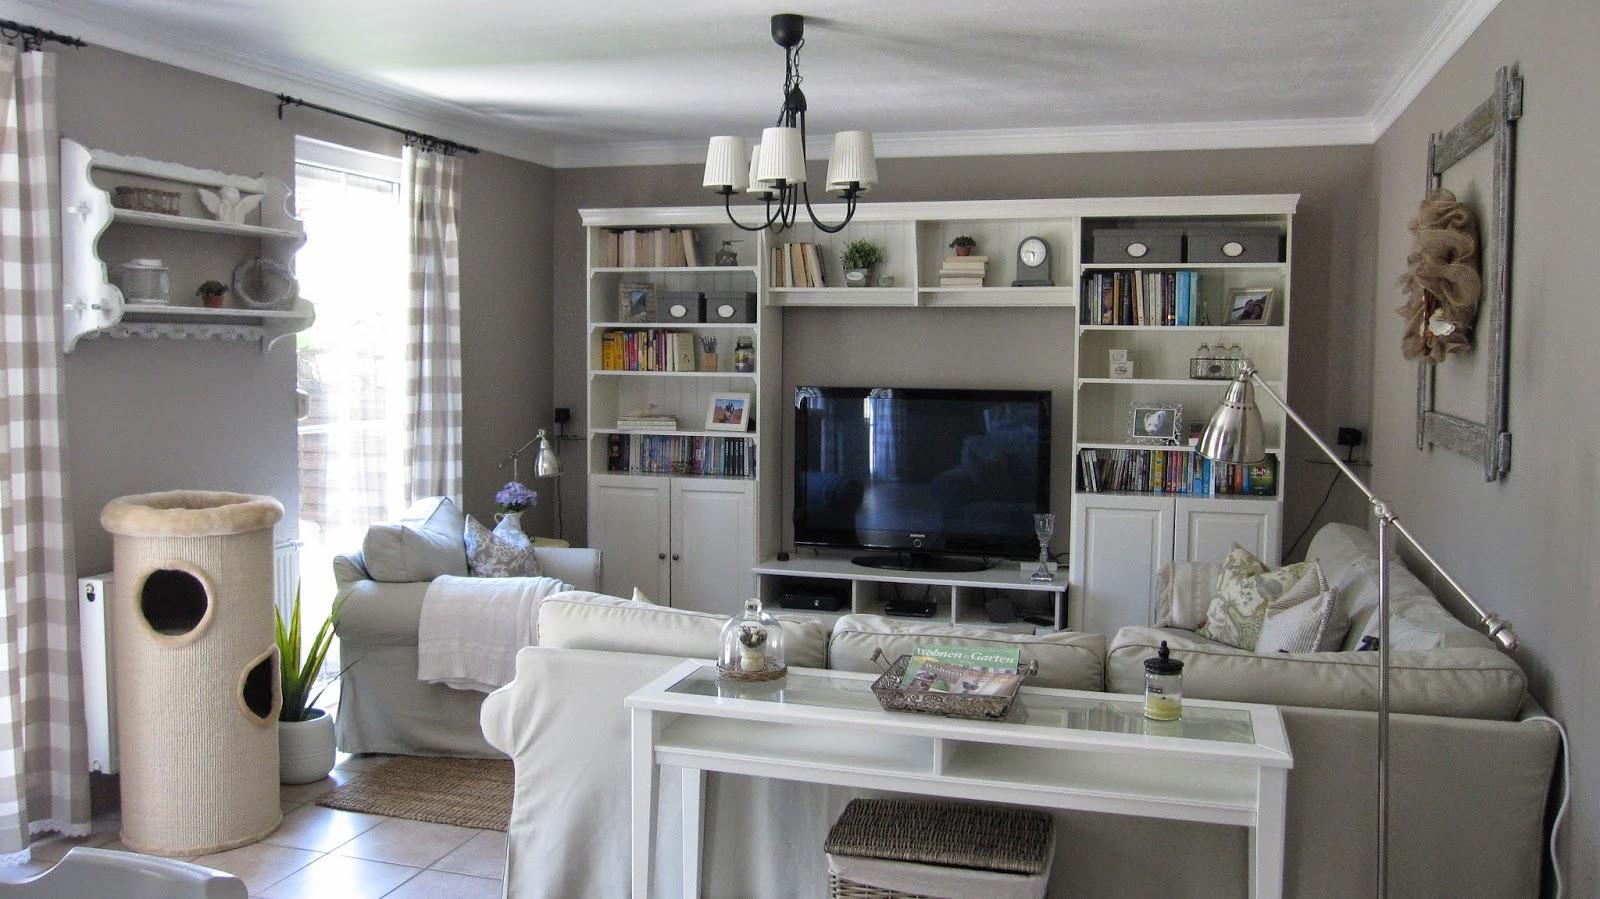 kleines gelbes haus country vorh nge und ein kleines missgeschick. Black Bedroom Furniture Sets. Home Design Ideas